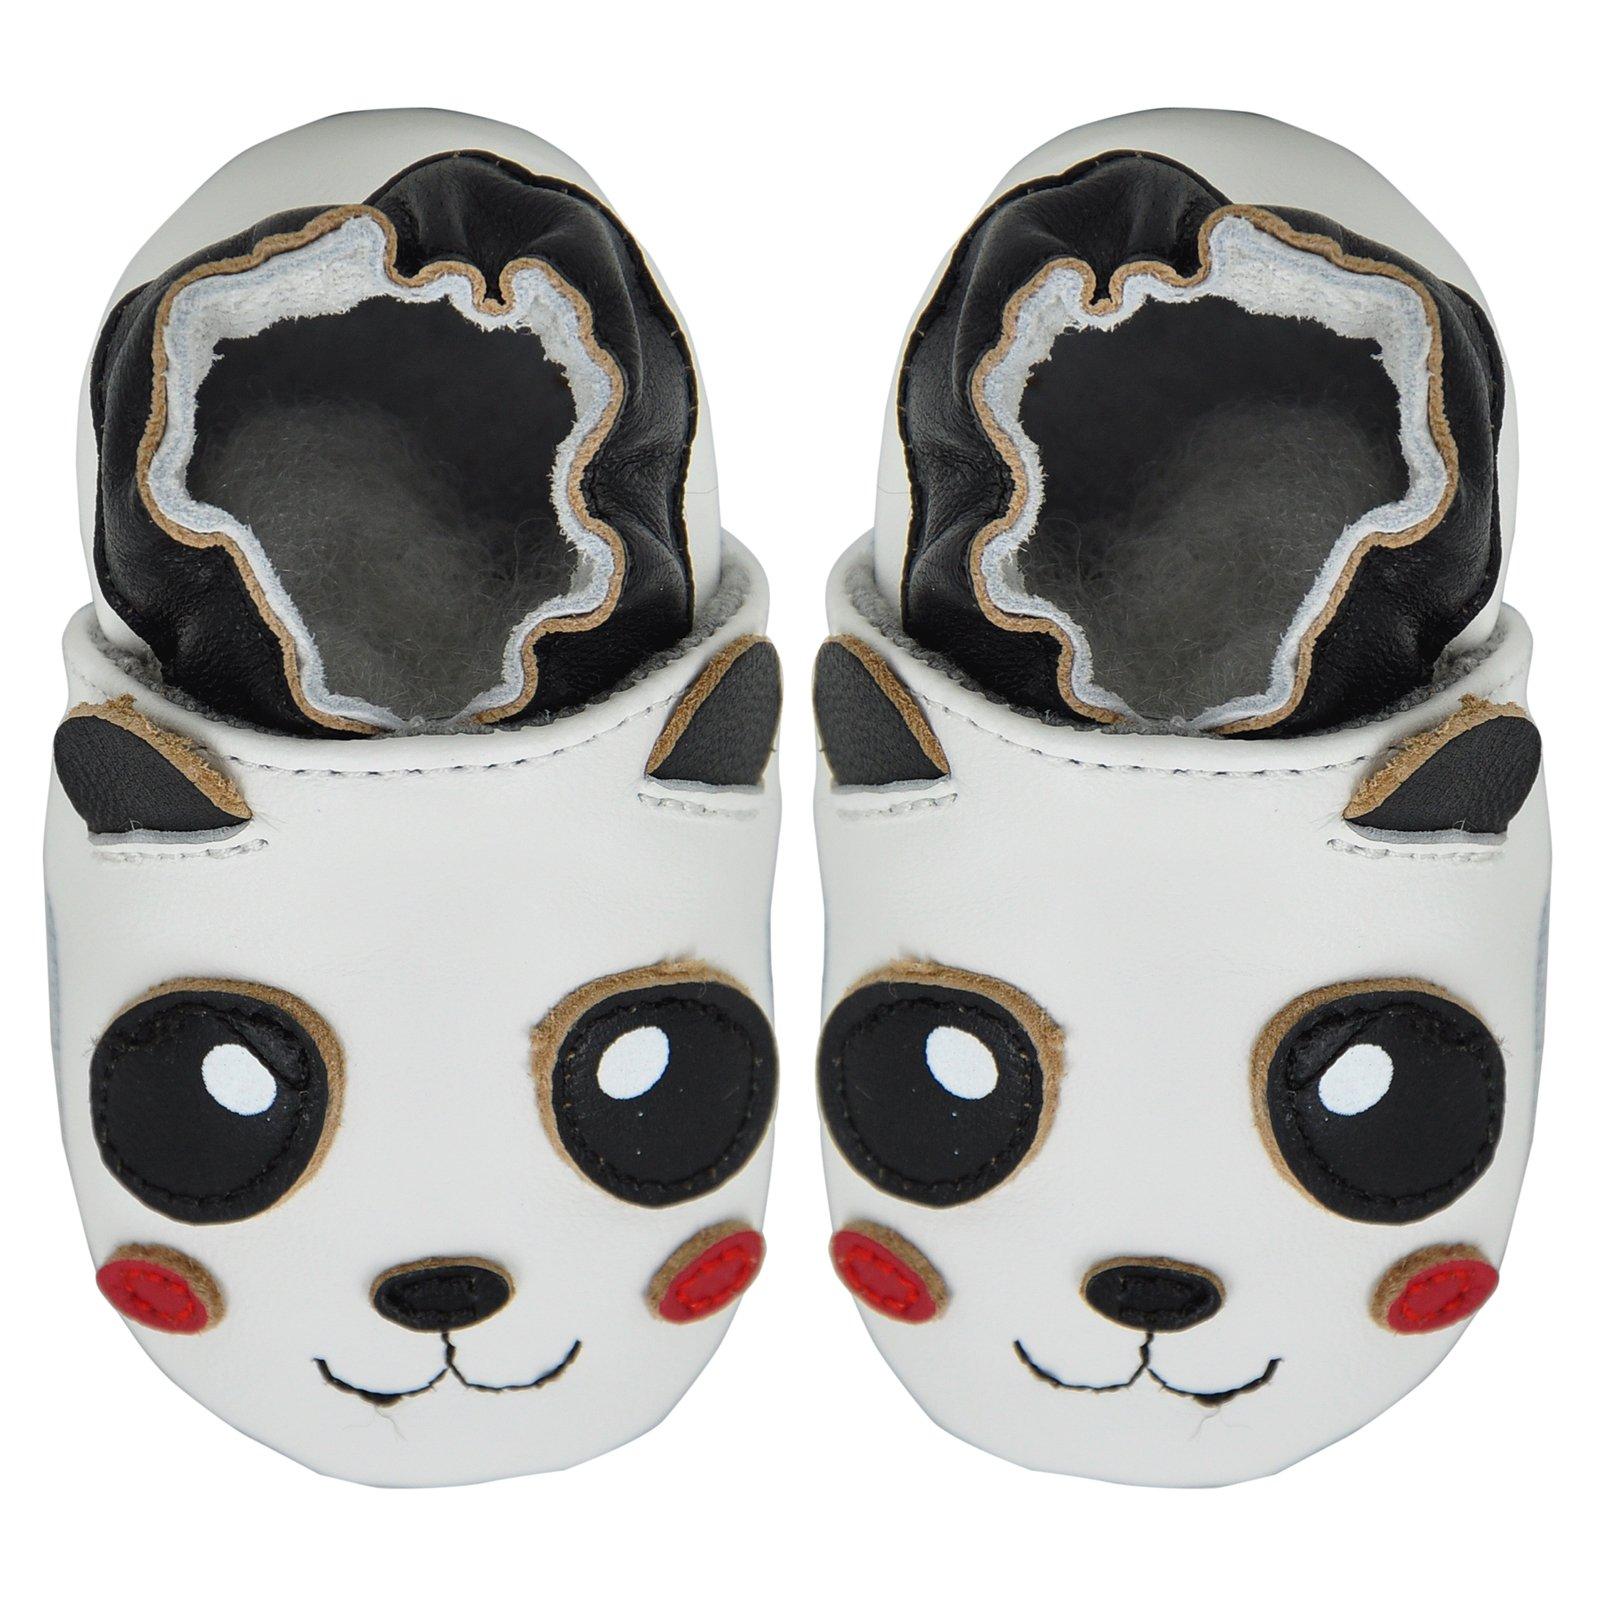 Kimi + Kai Baby Unisex Lambskin Leather Soft Sole Shoes - Panda (6-12 Months) White by Kimi & Kai